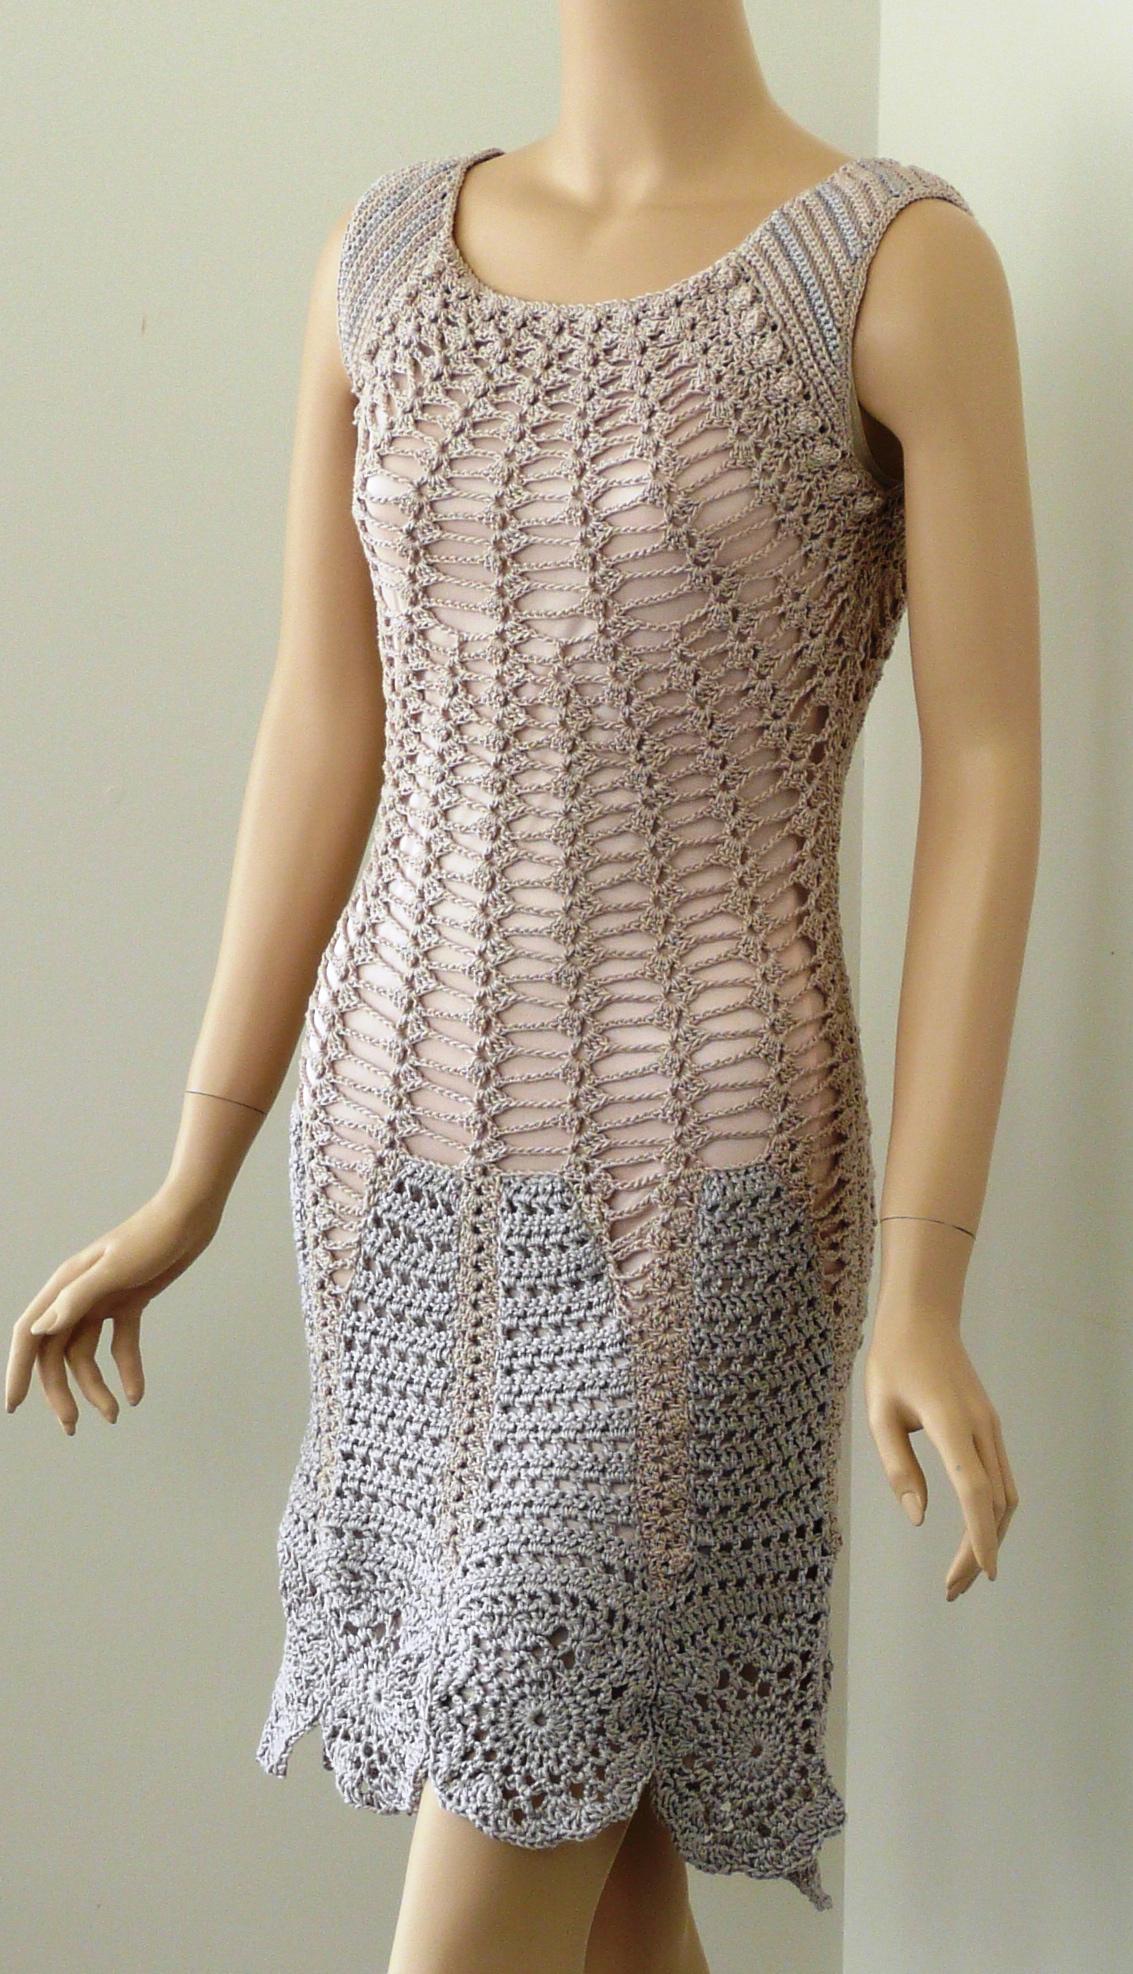 17 Freya Dress Doris Chan Crochet